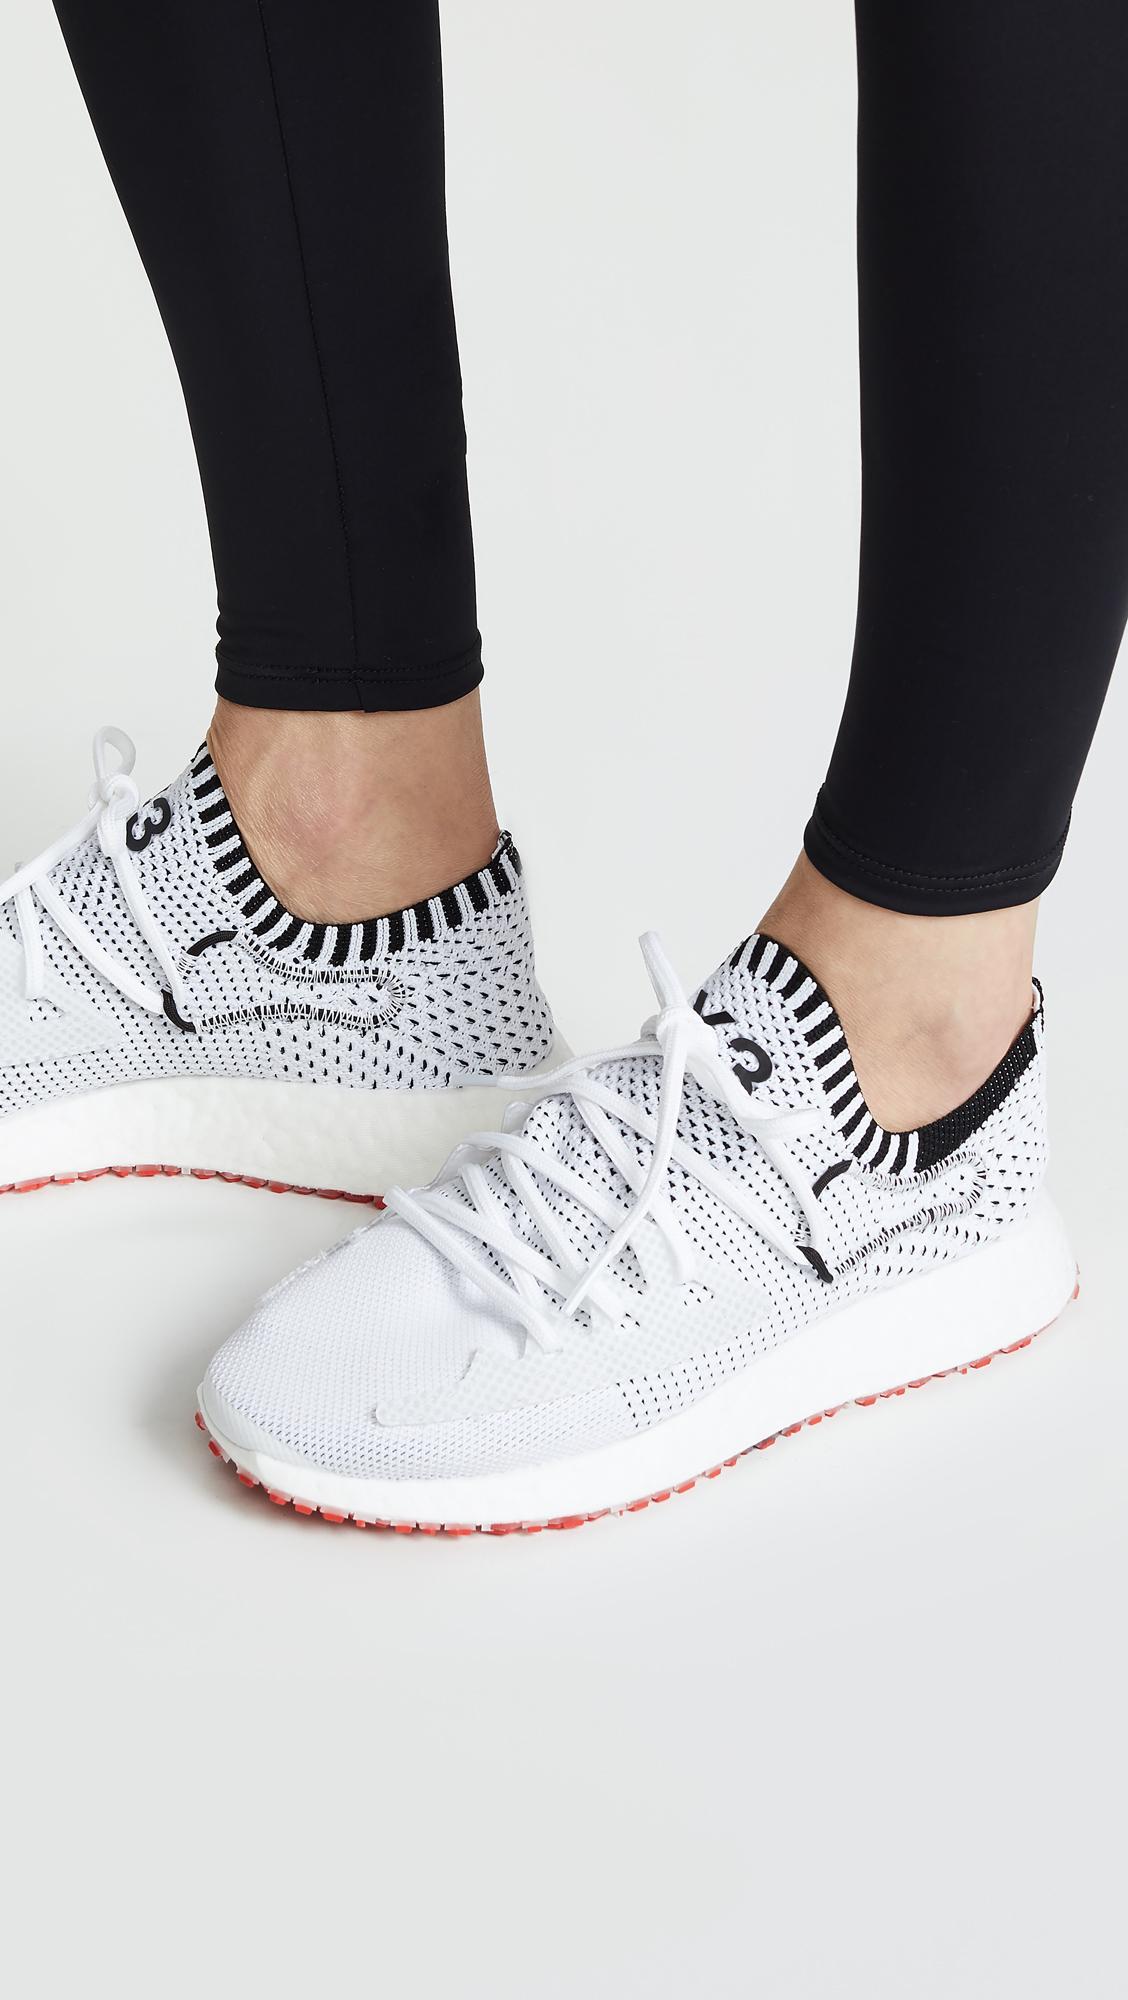 051ab41e28bb3 Y-3 Y-3 Raito Racer Sneakers